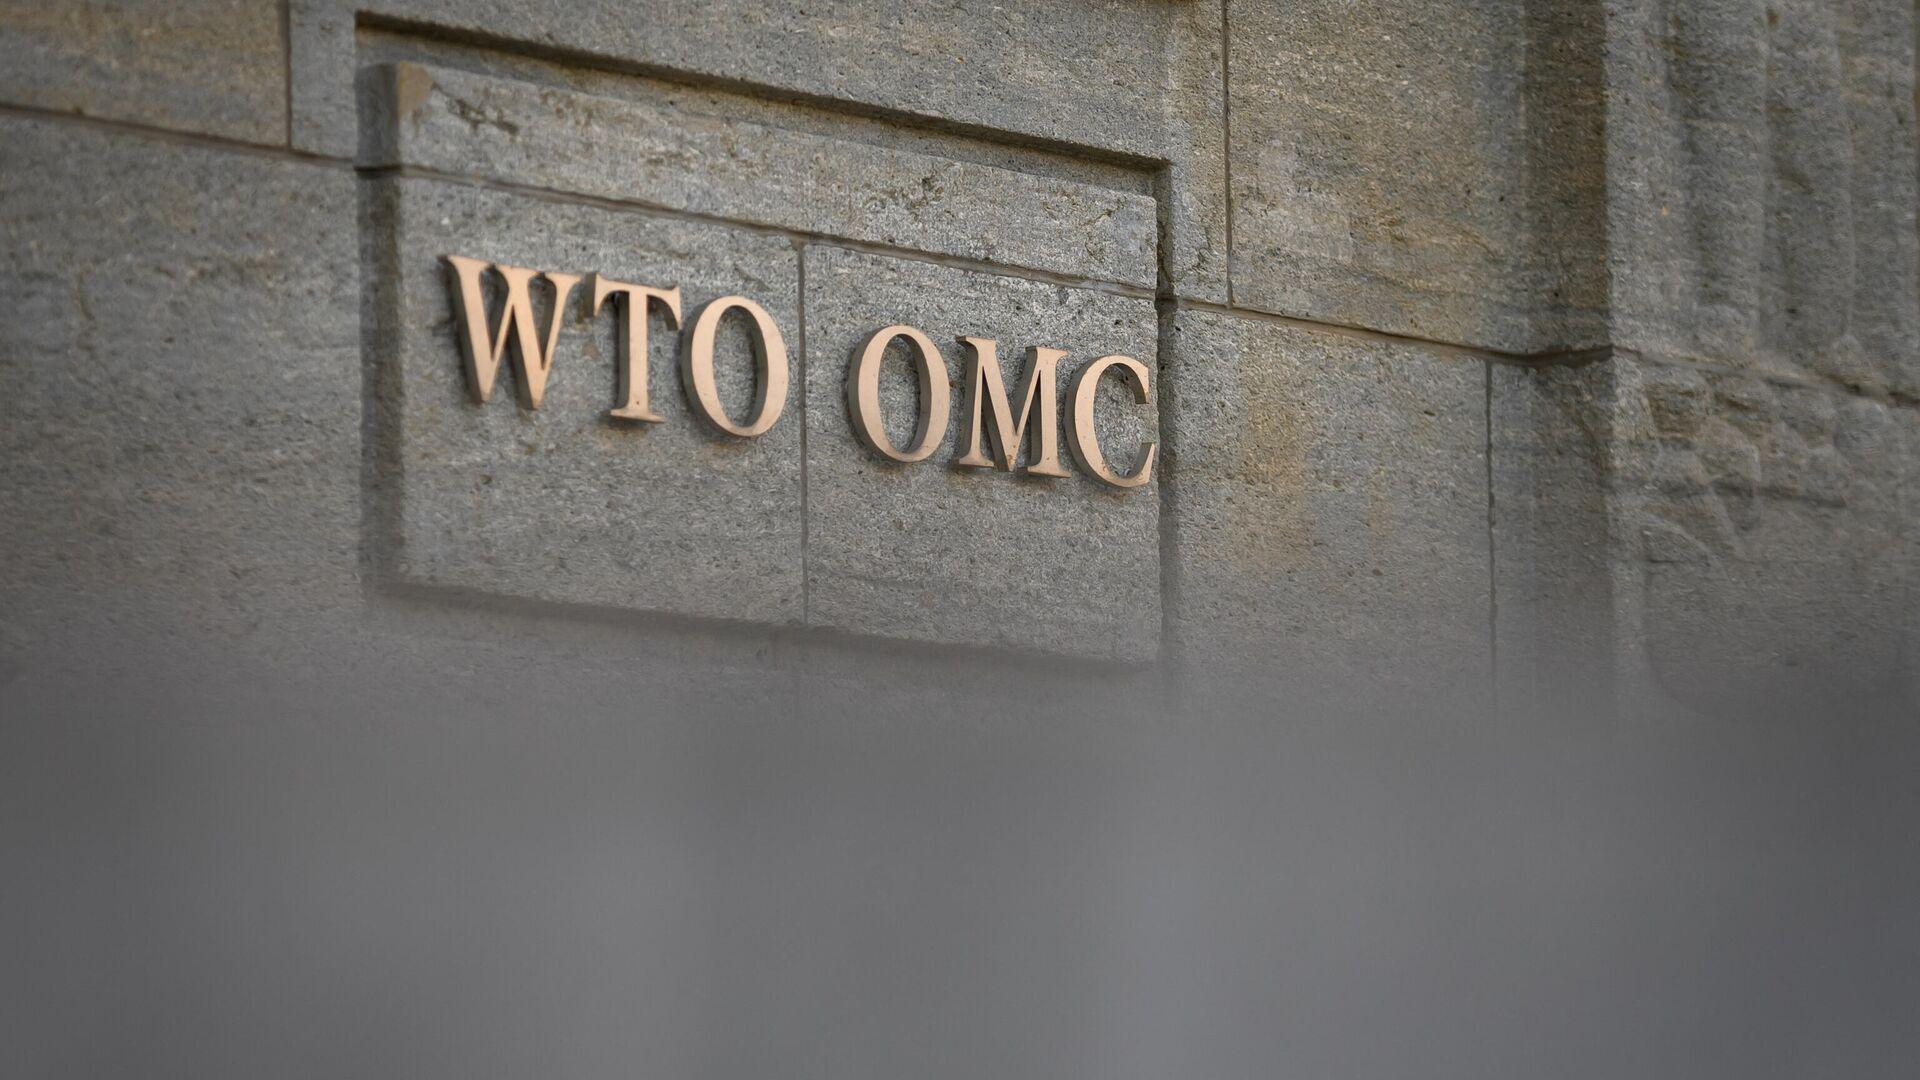 Знак у входа в здание Всемирной торговой организации (ВТО) в Женеве - Sputnik Узбекистан, 1920, 08.07.2021